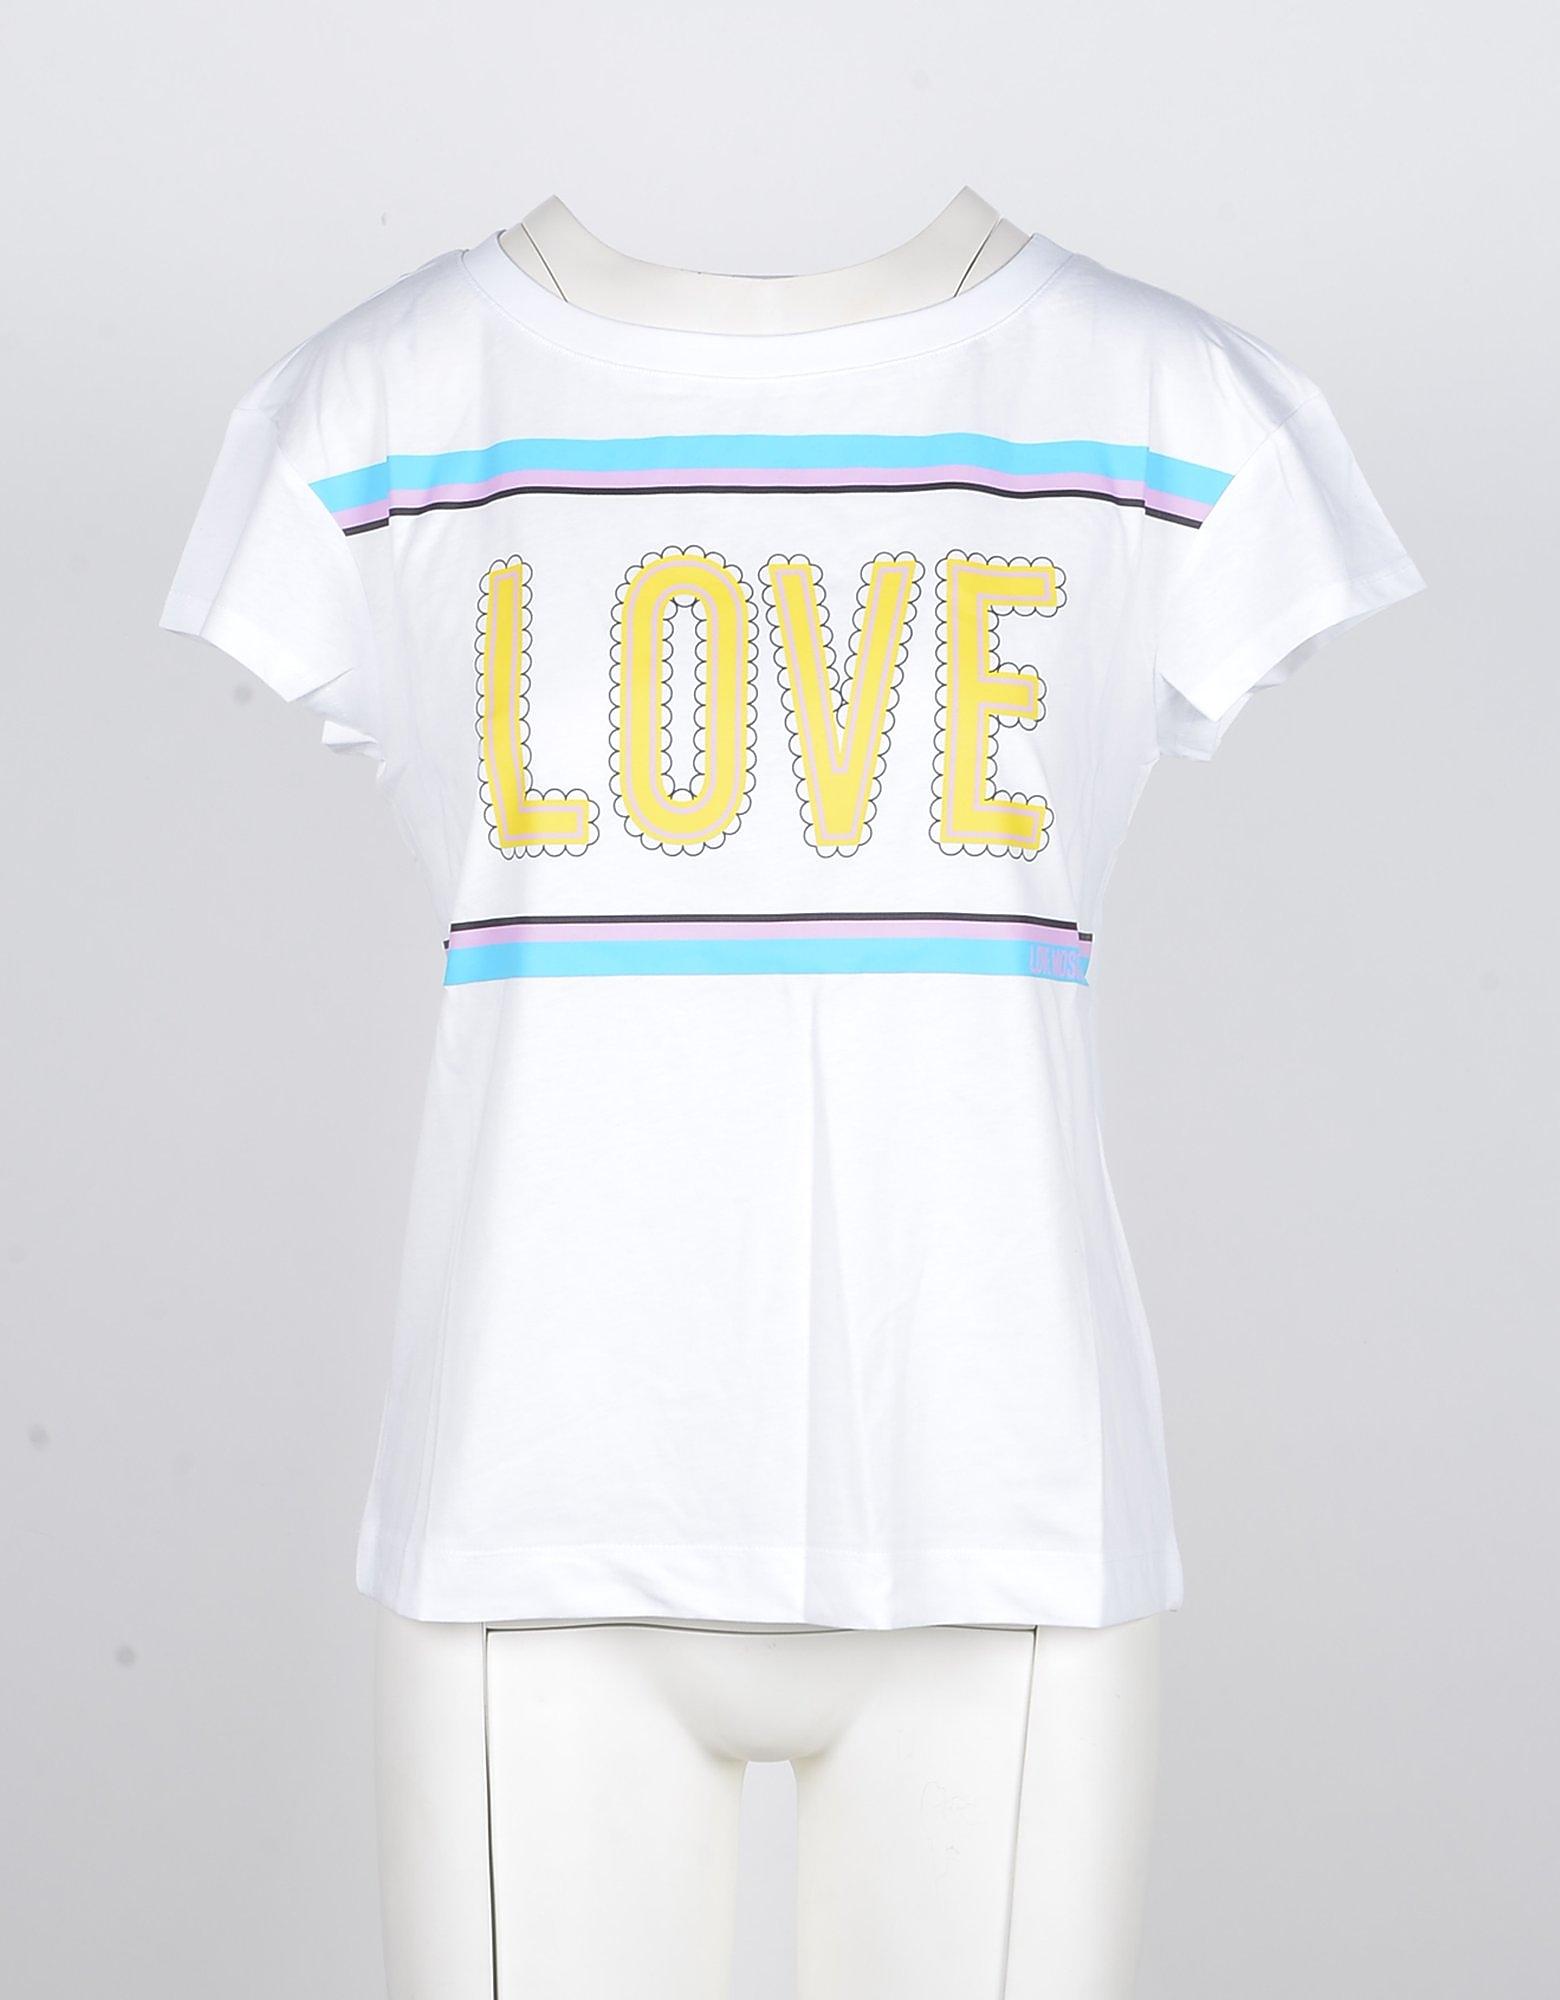 Love Moschino Designer T-Shirts & Tops, Women's White Tshirt